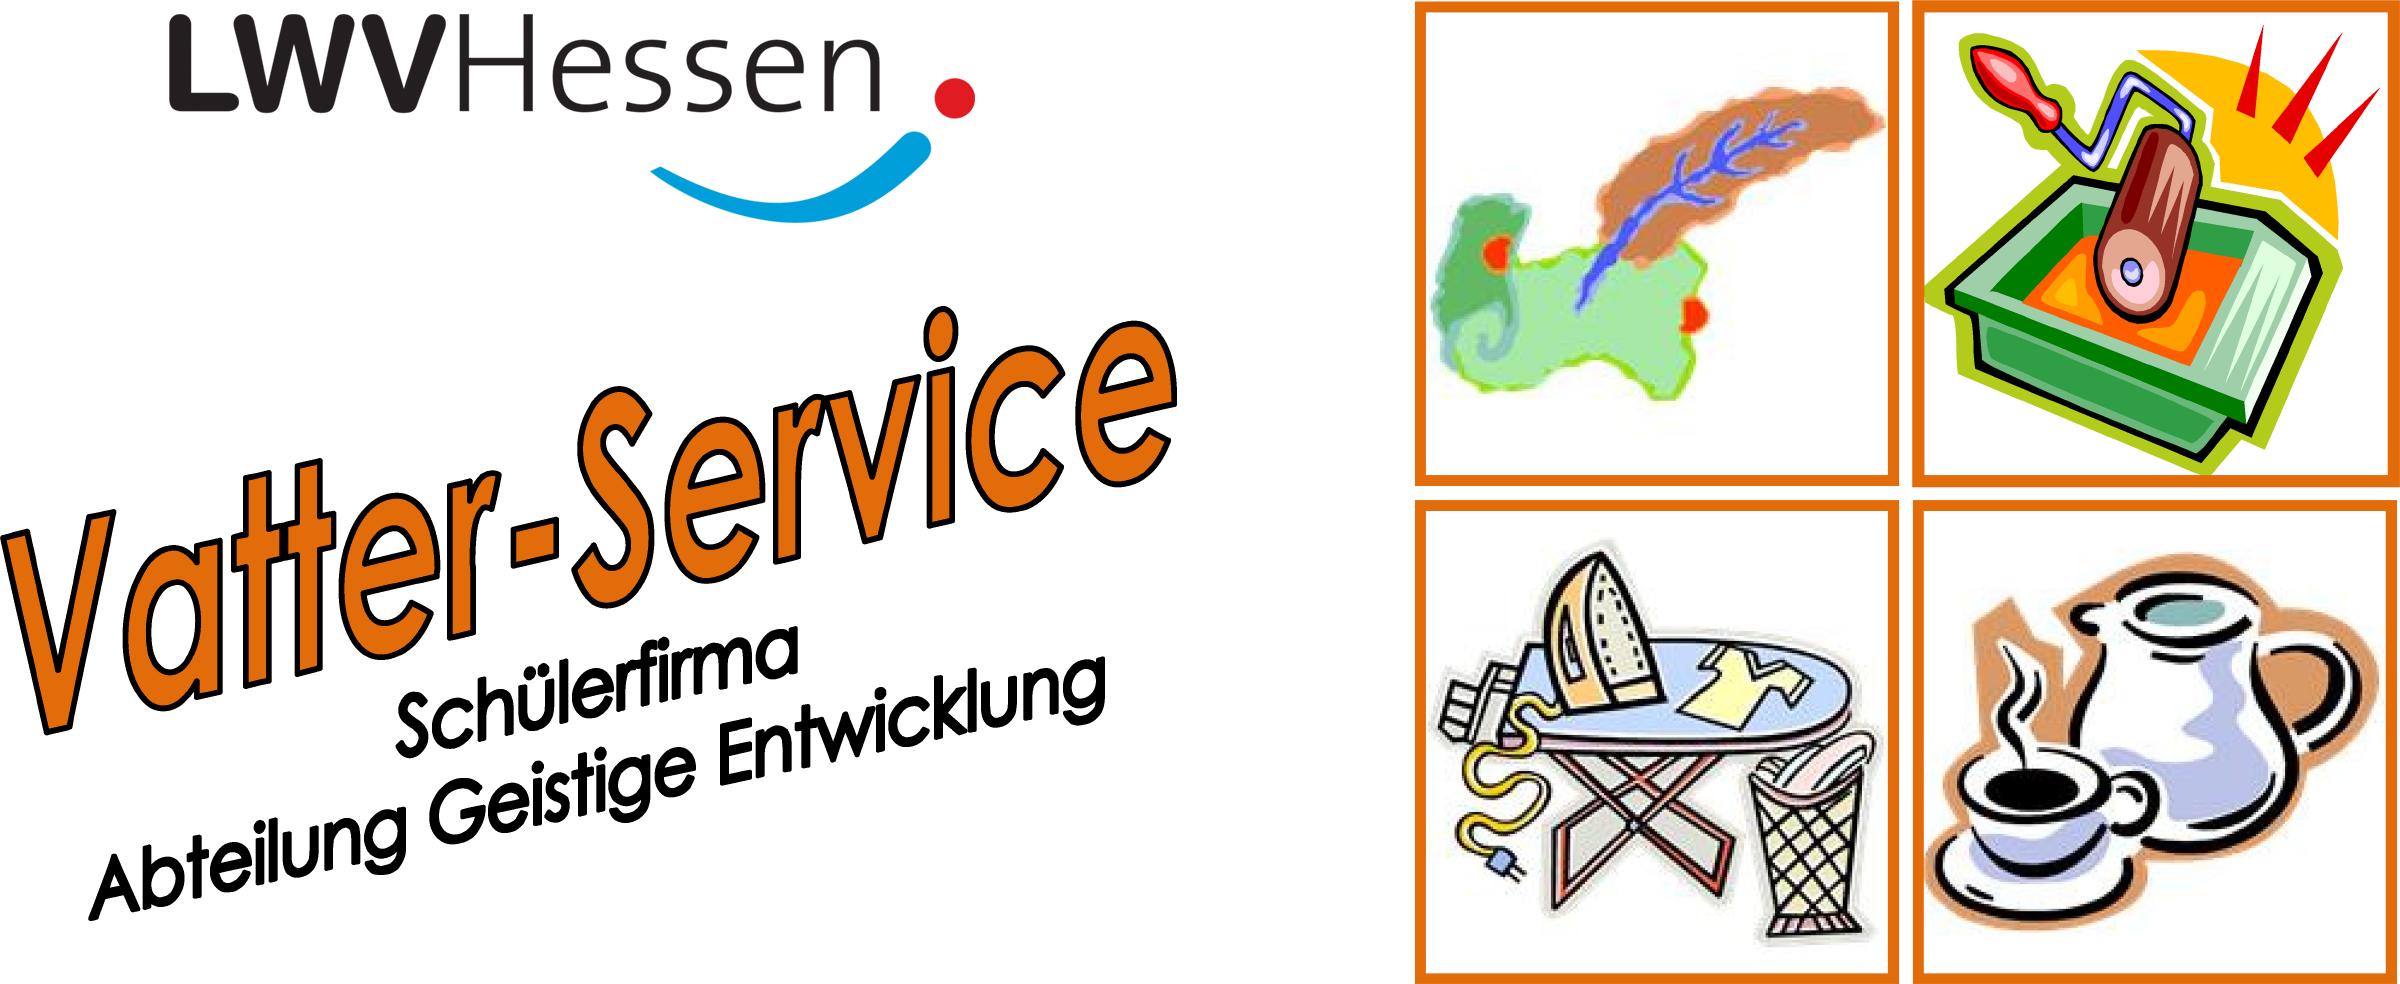 Logo des Vatter-Service